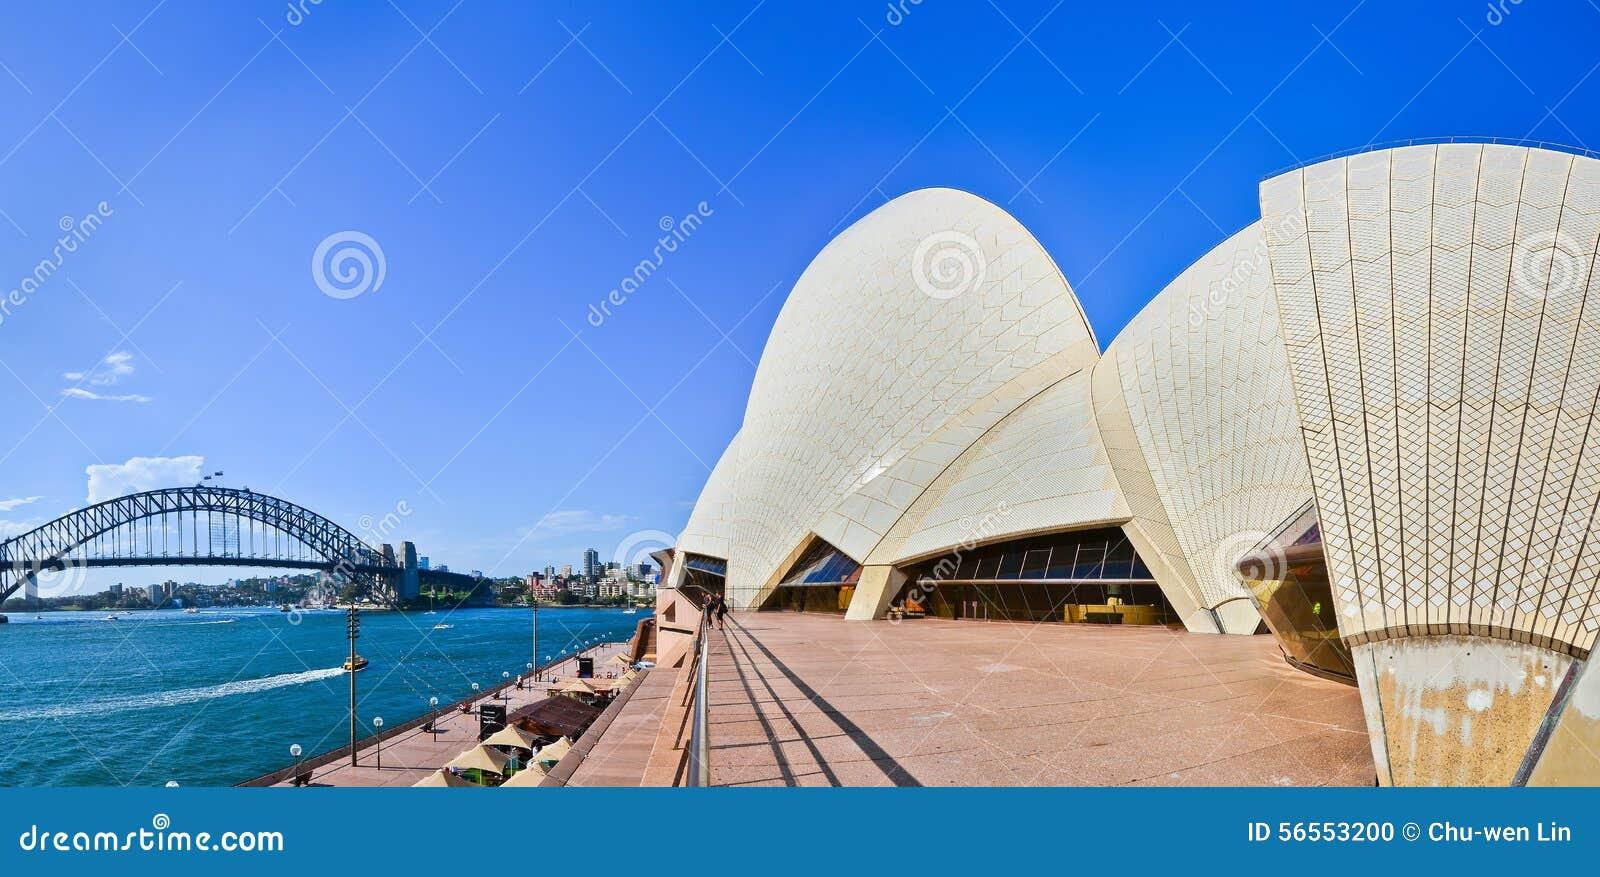 Download Άποψη της Όπερας του Σίδνεϊ και της λιμενικής γέφυρας Εκδοτική εικόνα - εικόνα από πανόραμα, τοπίο: 56553200